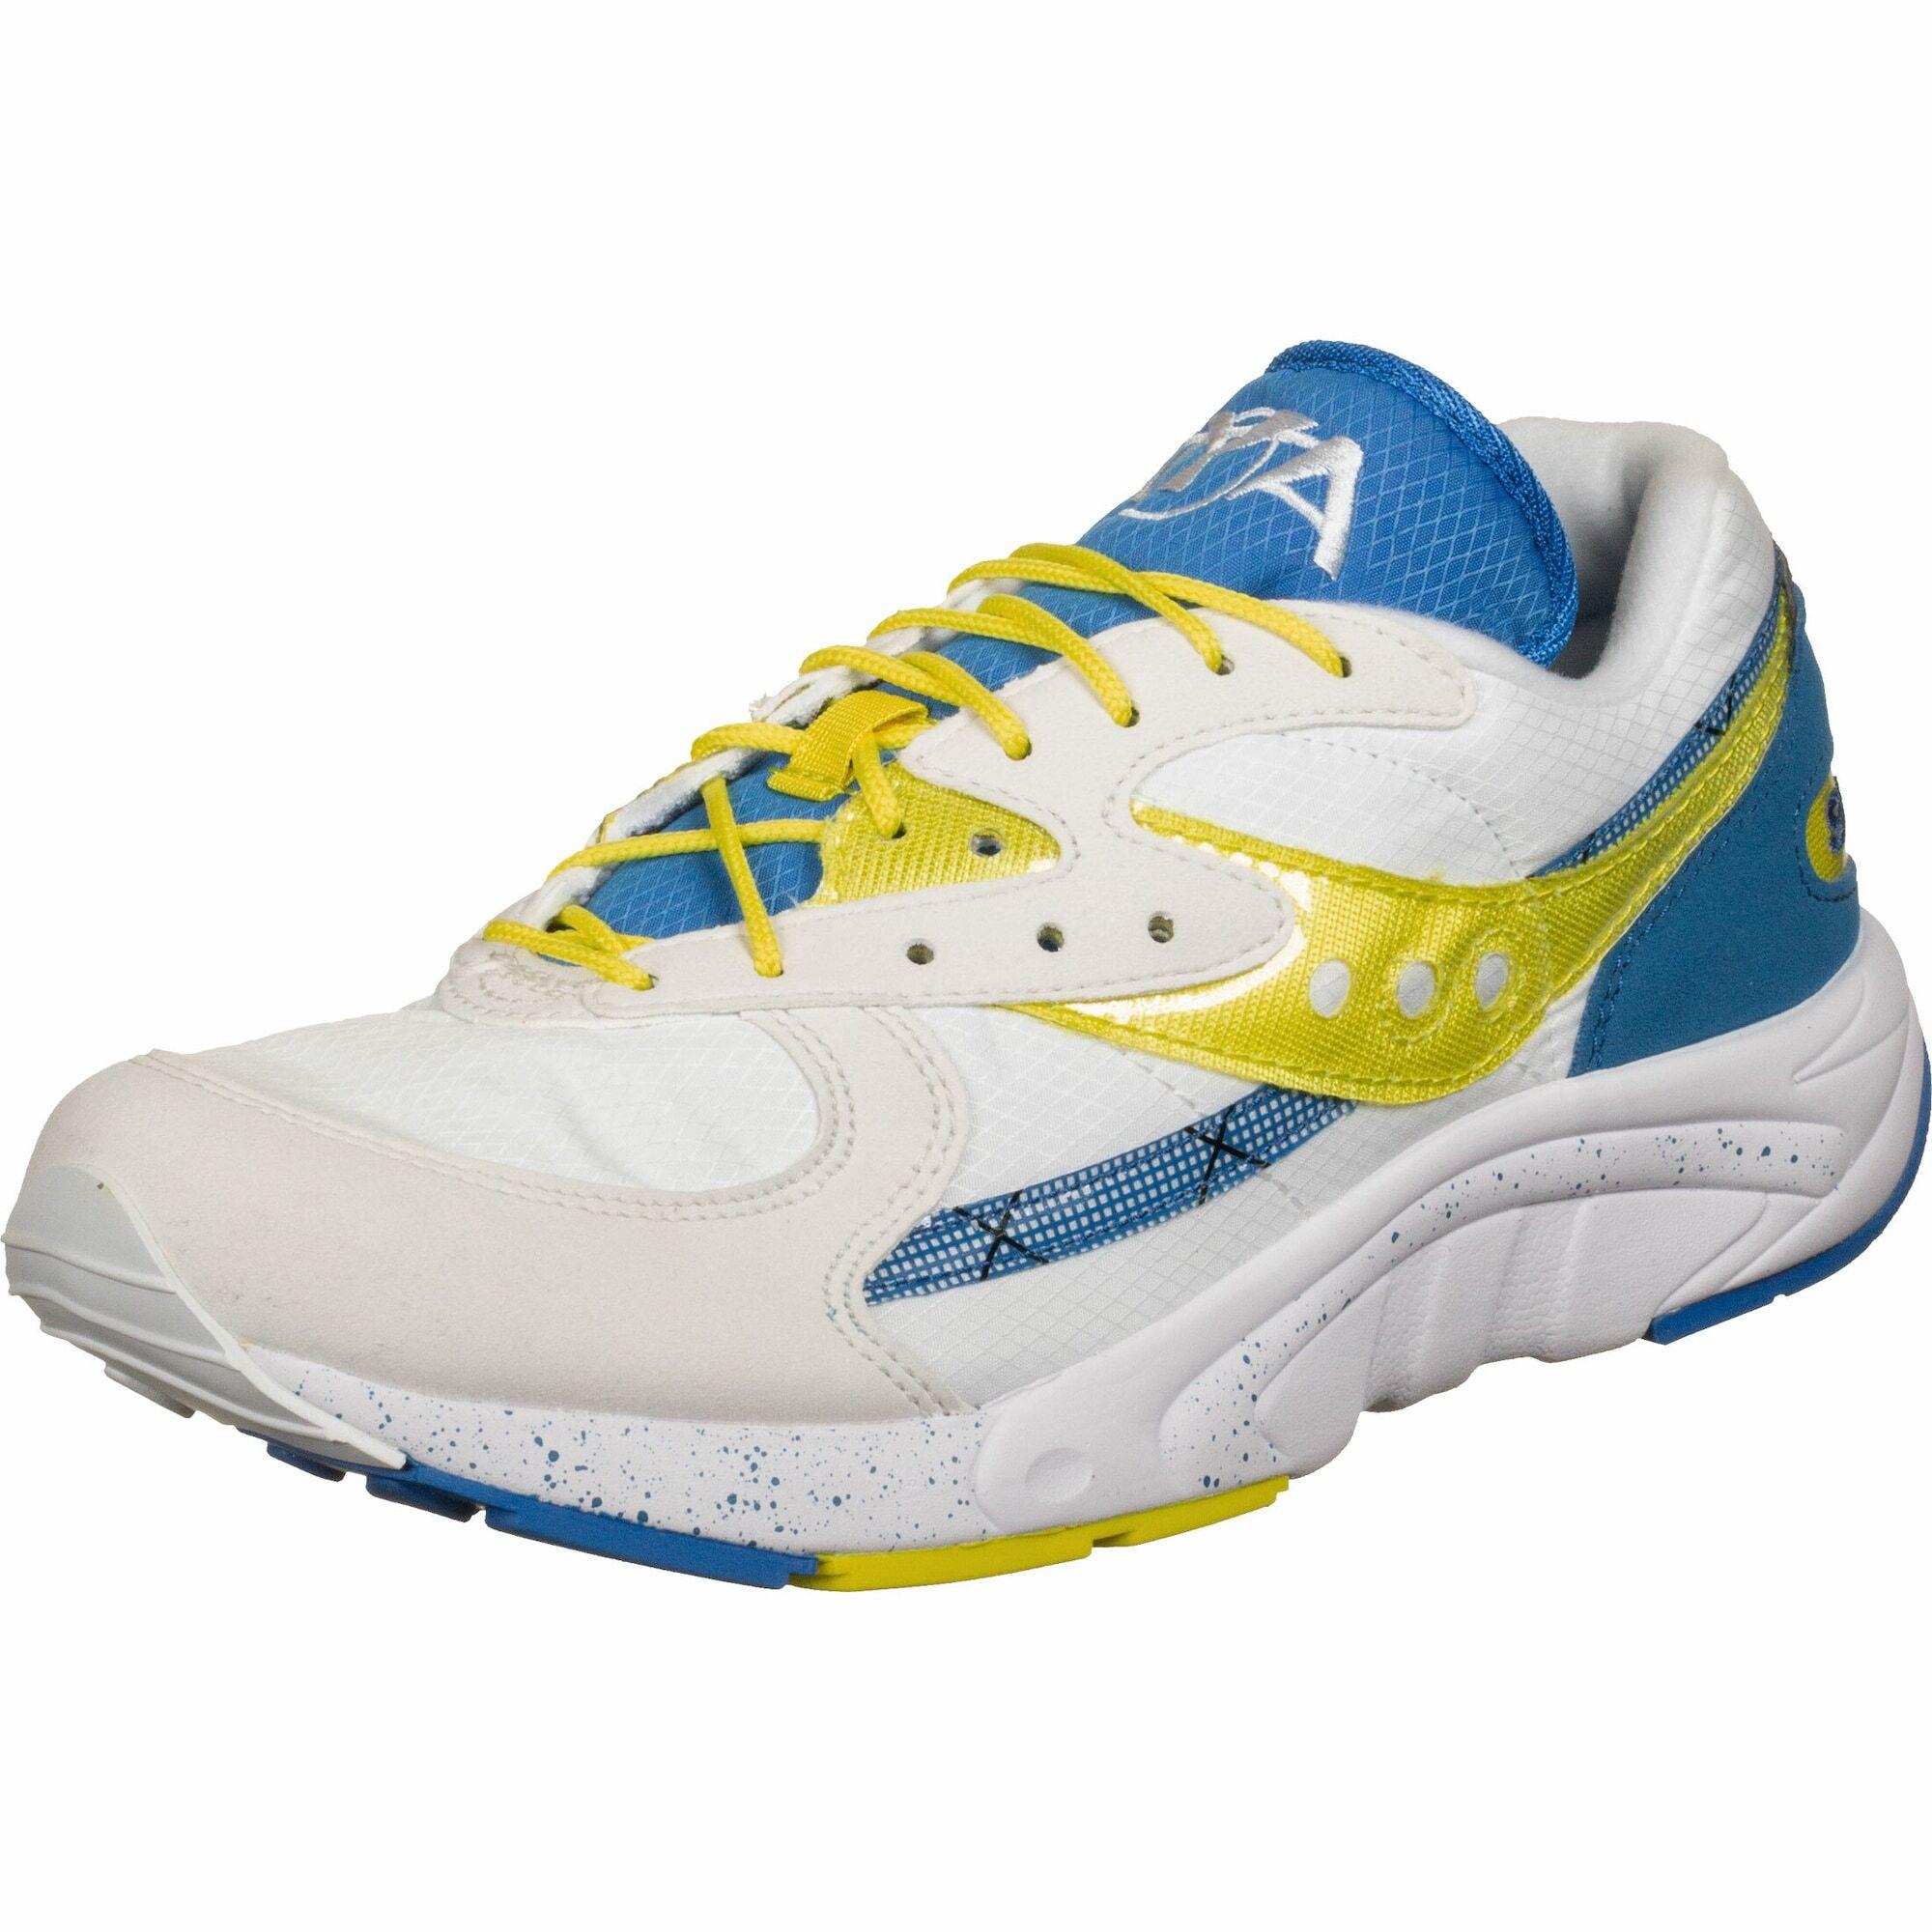 saucony Chaussure de course 'Aya'  - Blanc, Bleu - Taille: 45 - male